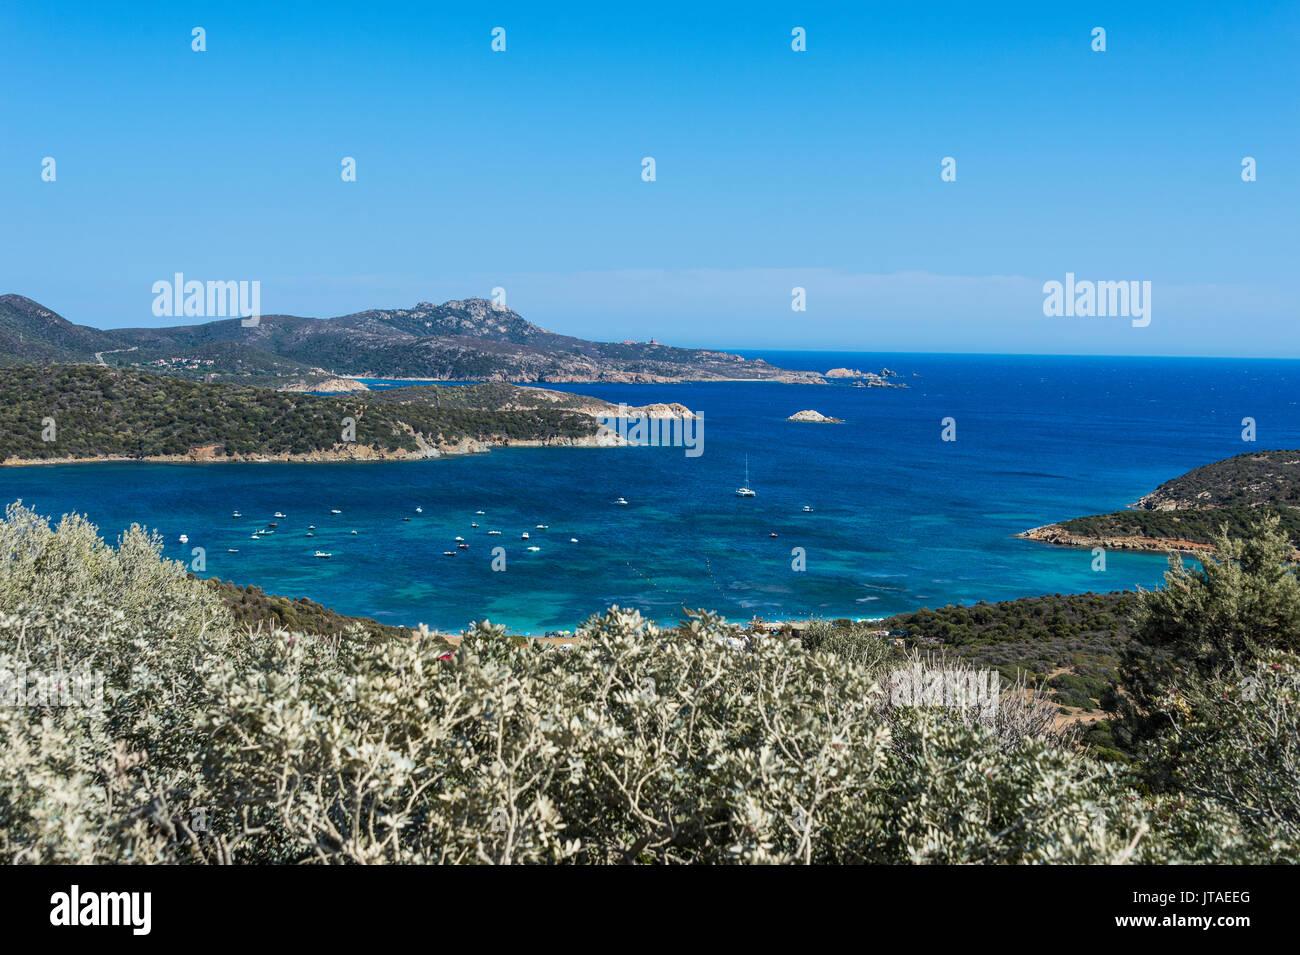 Bellas bahías de la Costa del Sud, Cerdeña, Italia, Mediterráneo, Europa Imagen De Stock